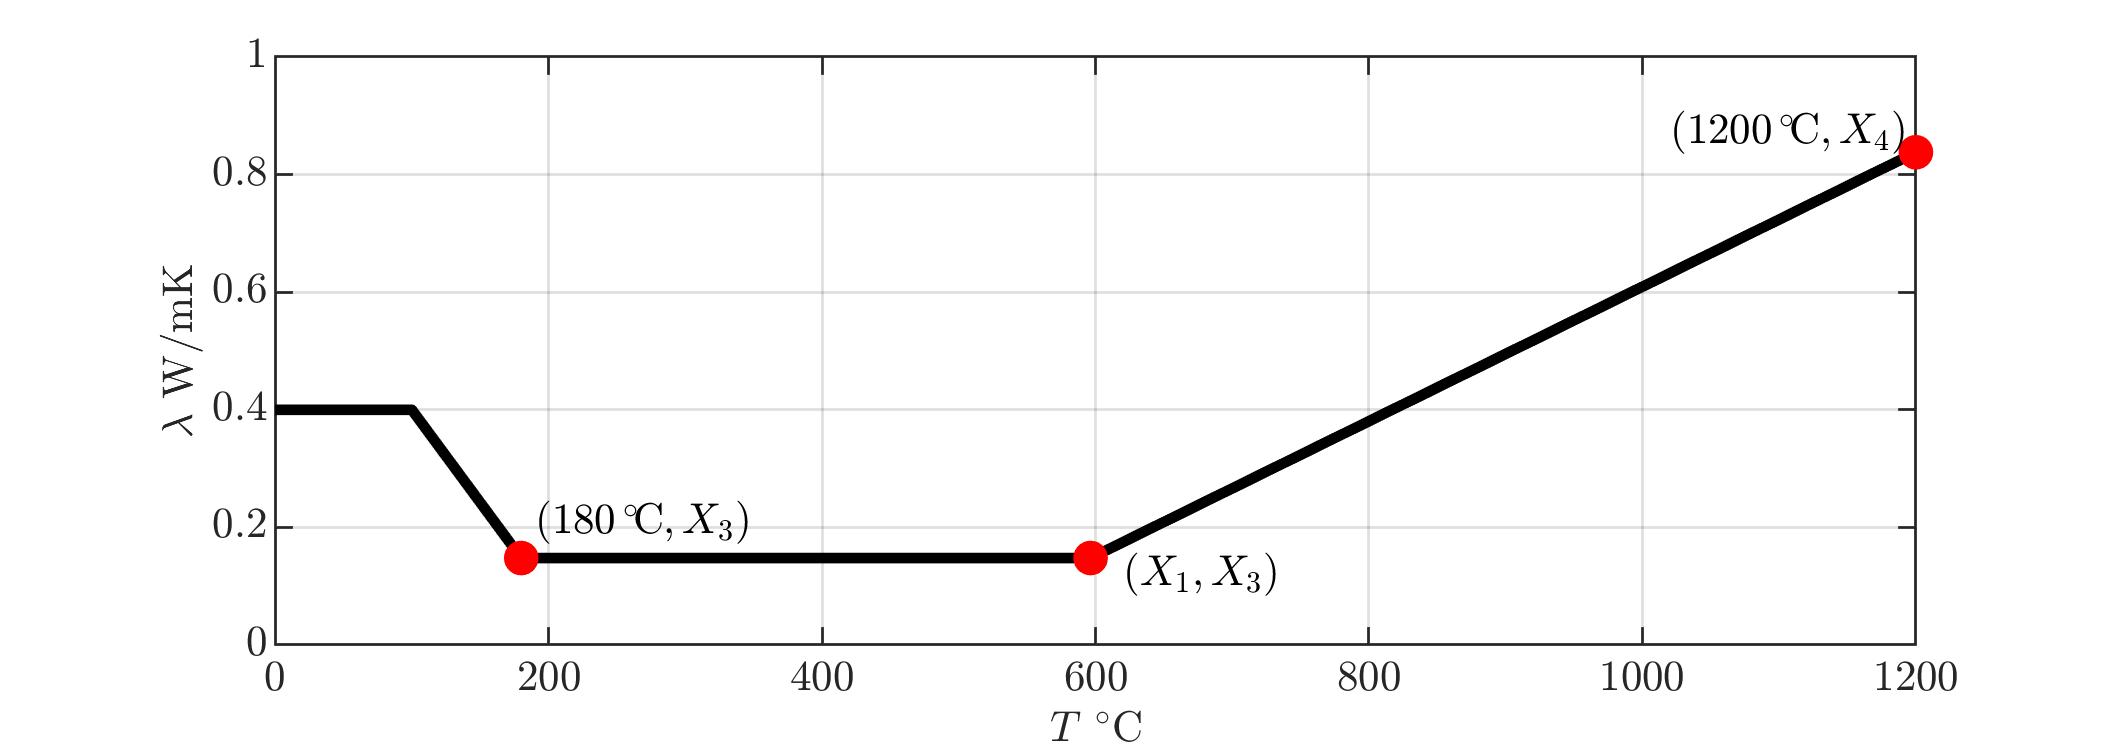 parametrizationConduct